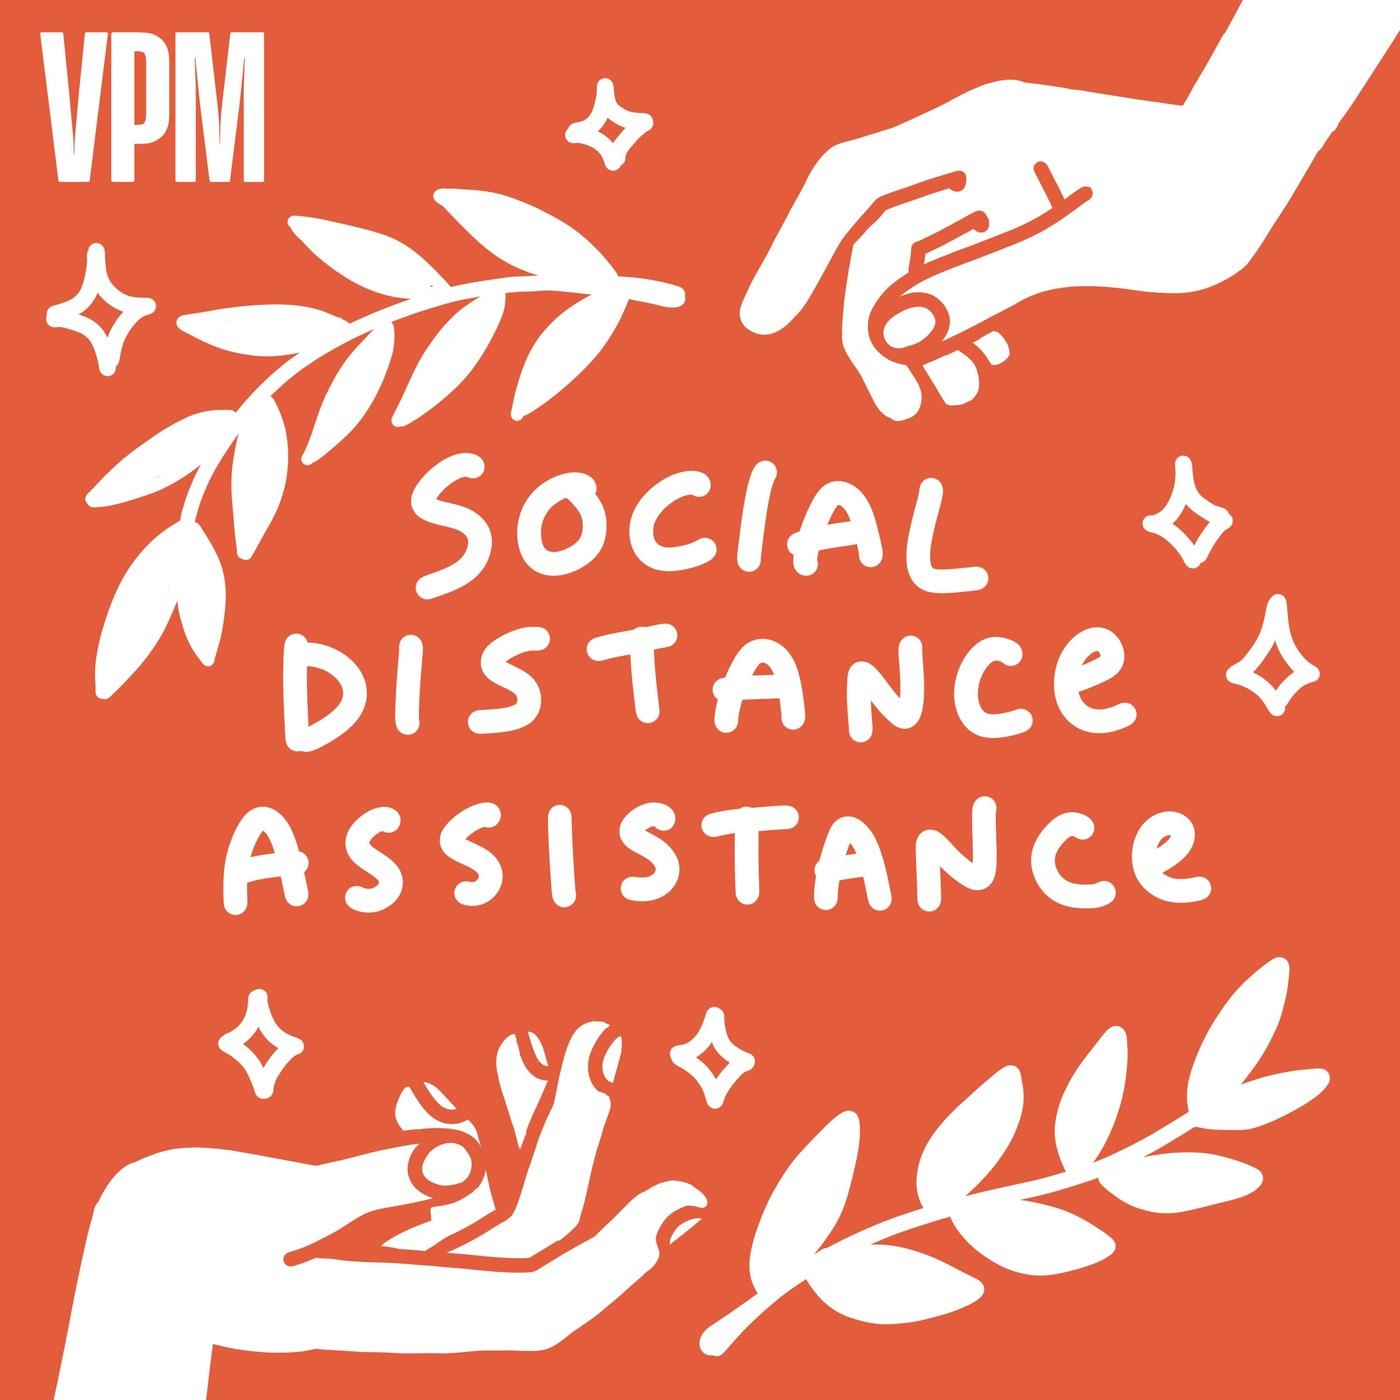 Social Distance Assistance : NPR